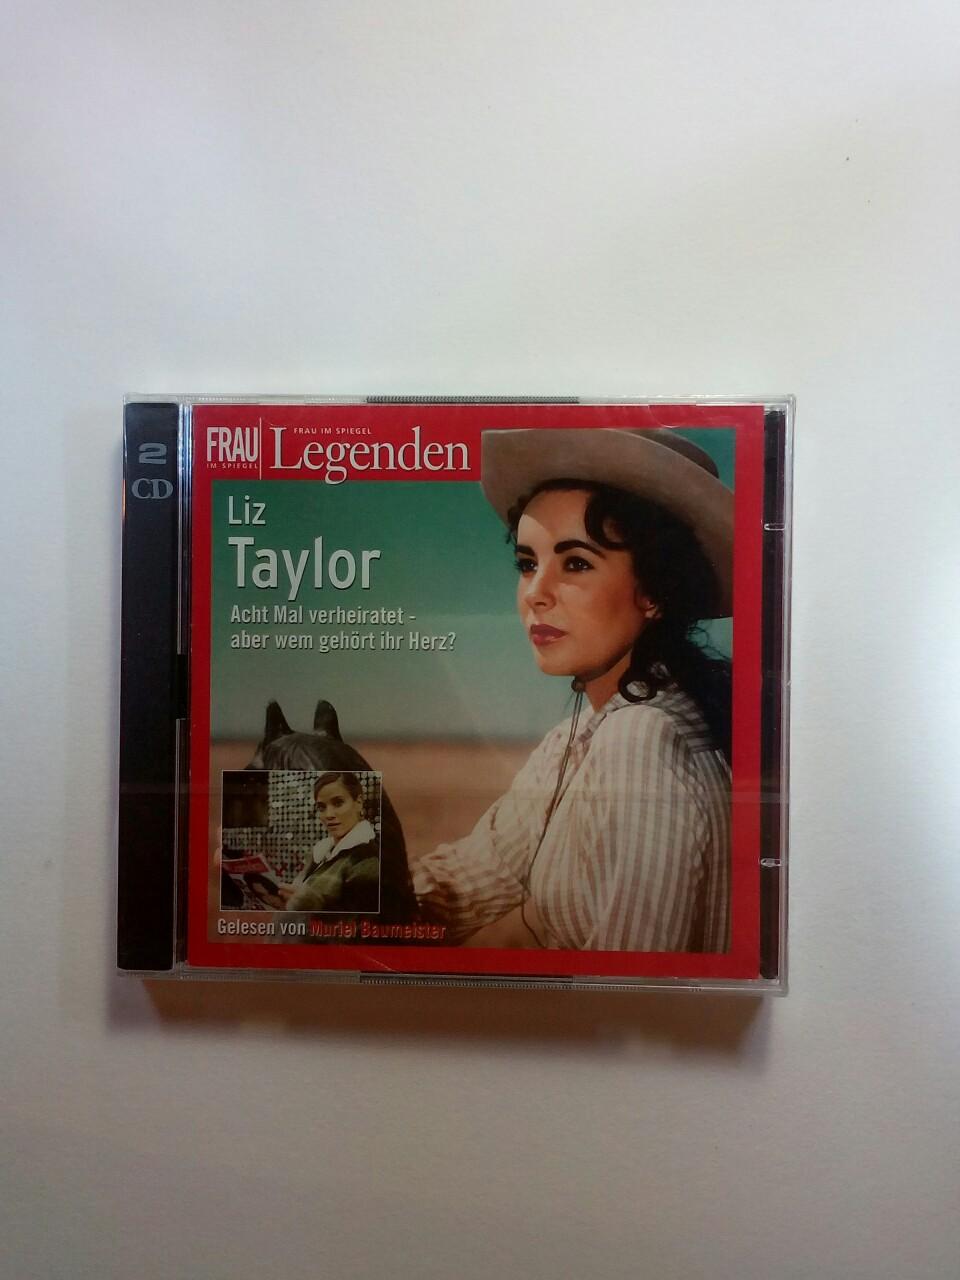 Liz Taylor. 2 CDs . Frau im Spiegel - Legenden - Muriel Baumeister